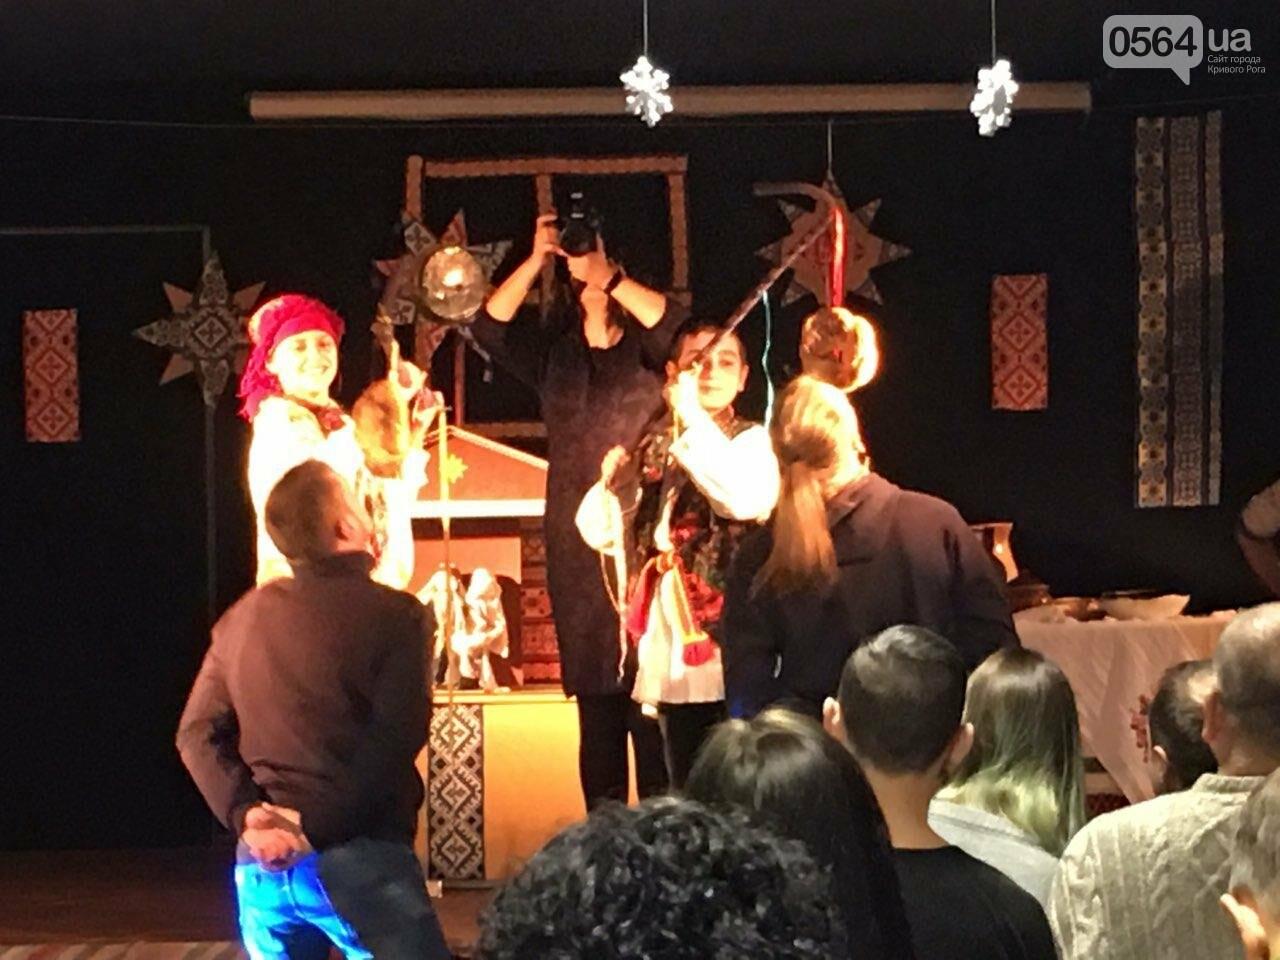 Христос рождается! В Кривом Роге показали Рождественский вертеп, - ФОТО, ВИДЕО, фото-6